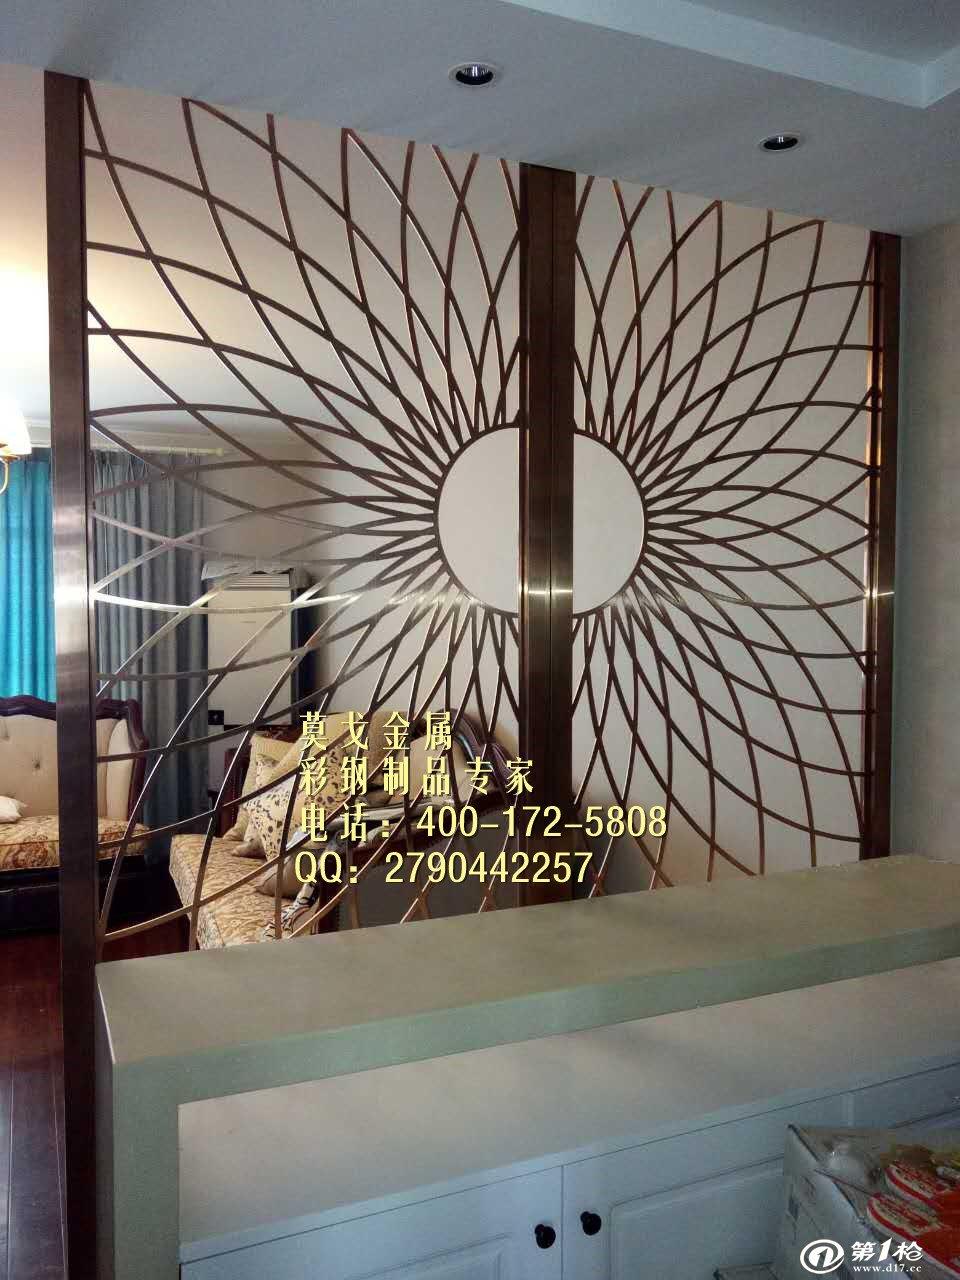 杭州莫戈金属专业定制酒店会所不锈钢屏风隔断,莫戈金属根据自身经验摸索出不锈钢屏风应用于酒店的特点。 一、酒店屏风非常的灵活多变,所以在设计的时候要注意其高度等形态因素。 二、对于酒店不锈钢屏风的颜色要与其周围环境风格样式相互搭配协调,不可太过突兀,反而影响了视觉美感,长期观看会造成一种视觉混乱,影响身体健康。